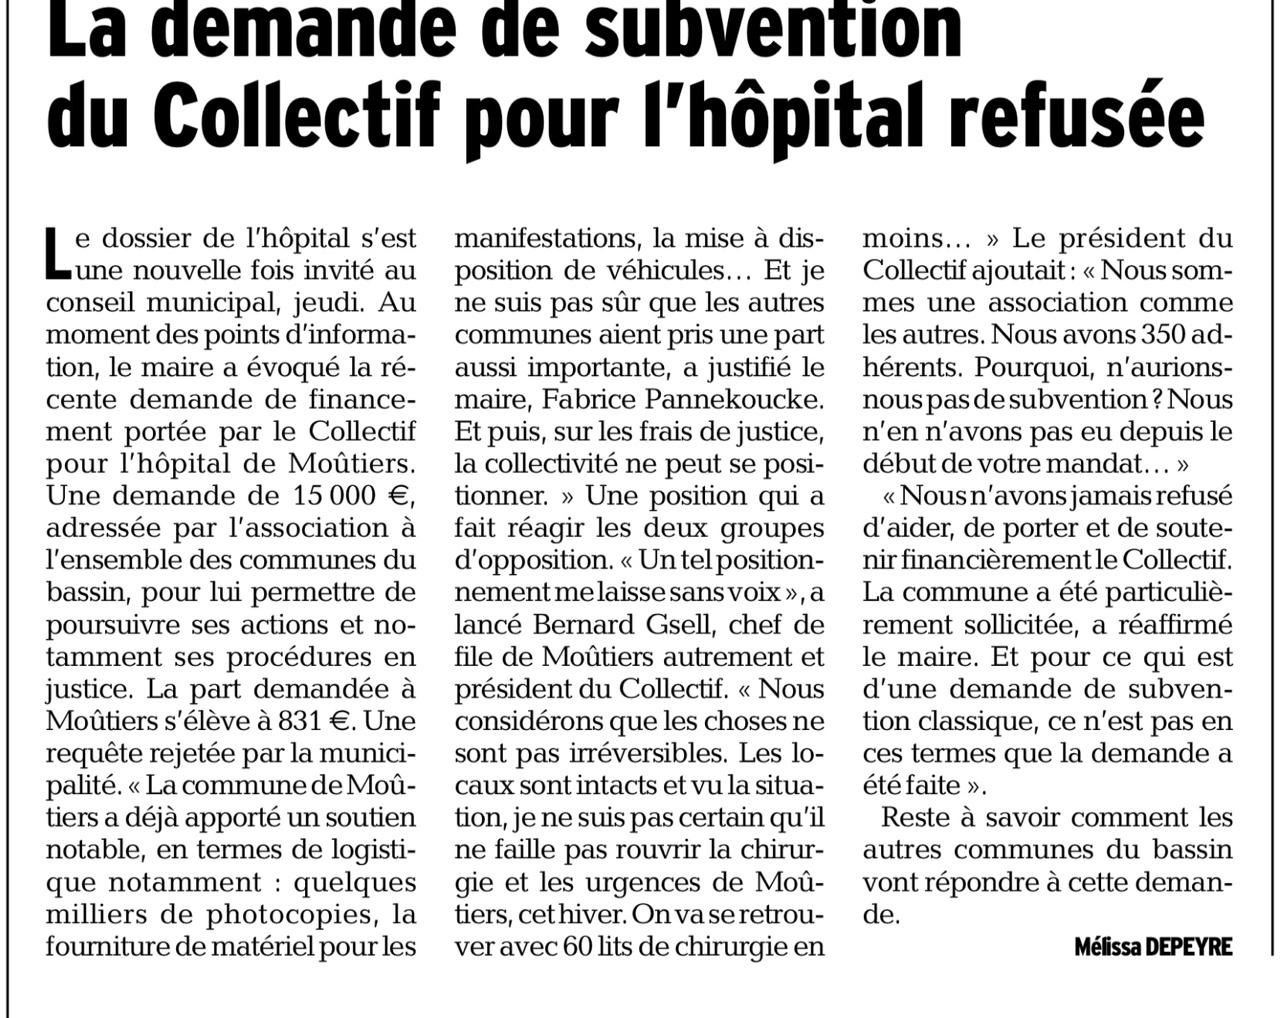 2015-11-23 - DL - La demande de subvention du Collectif pour l'hôpital refusé